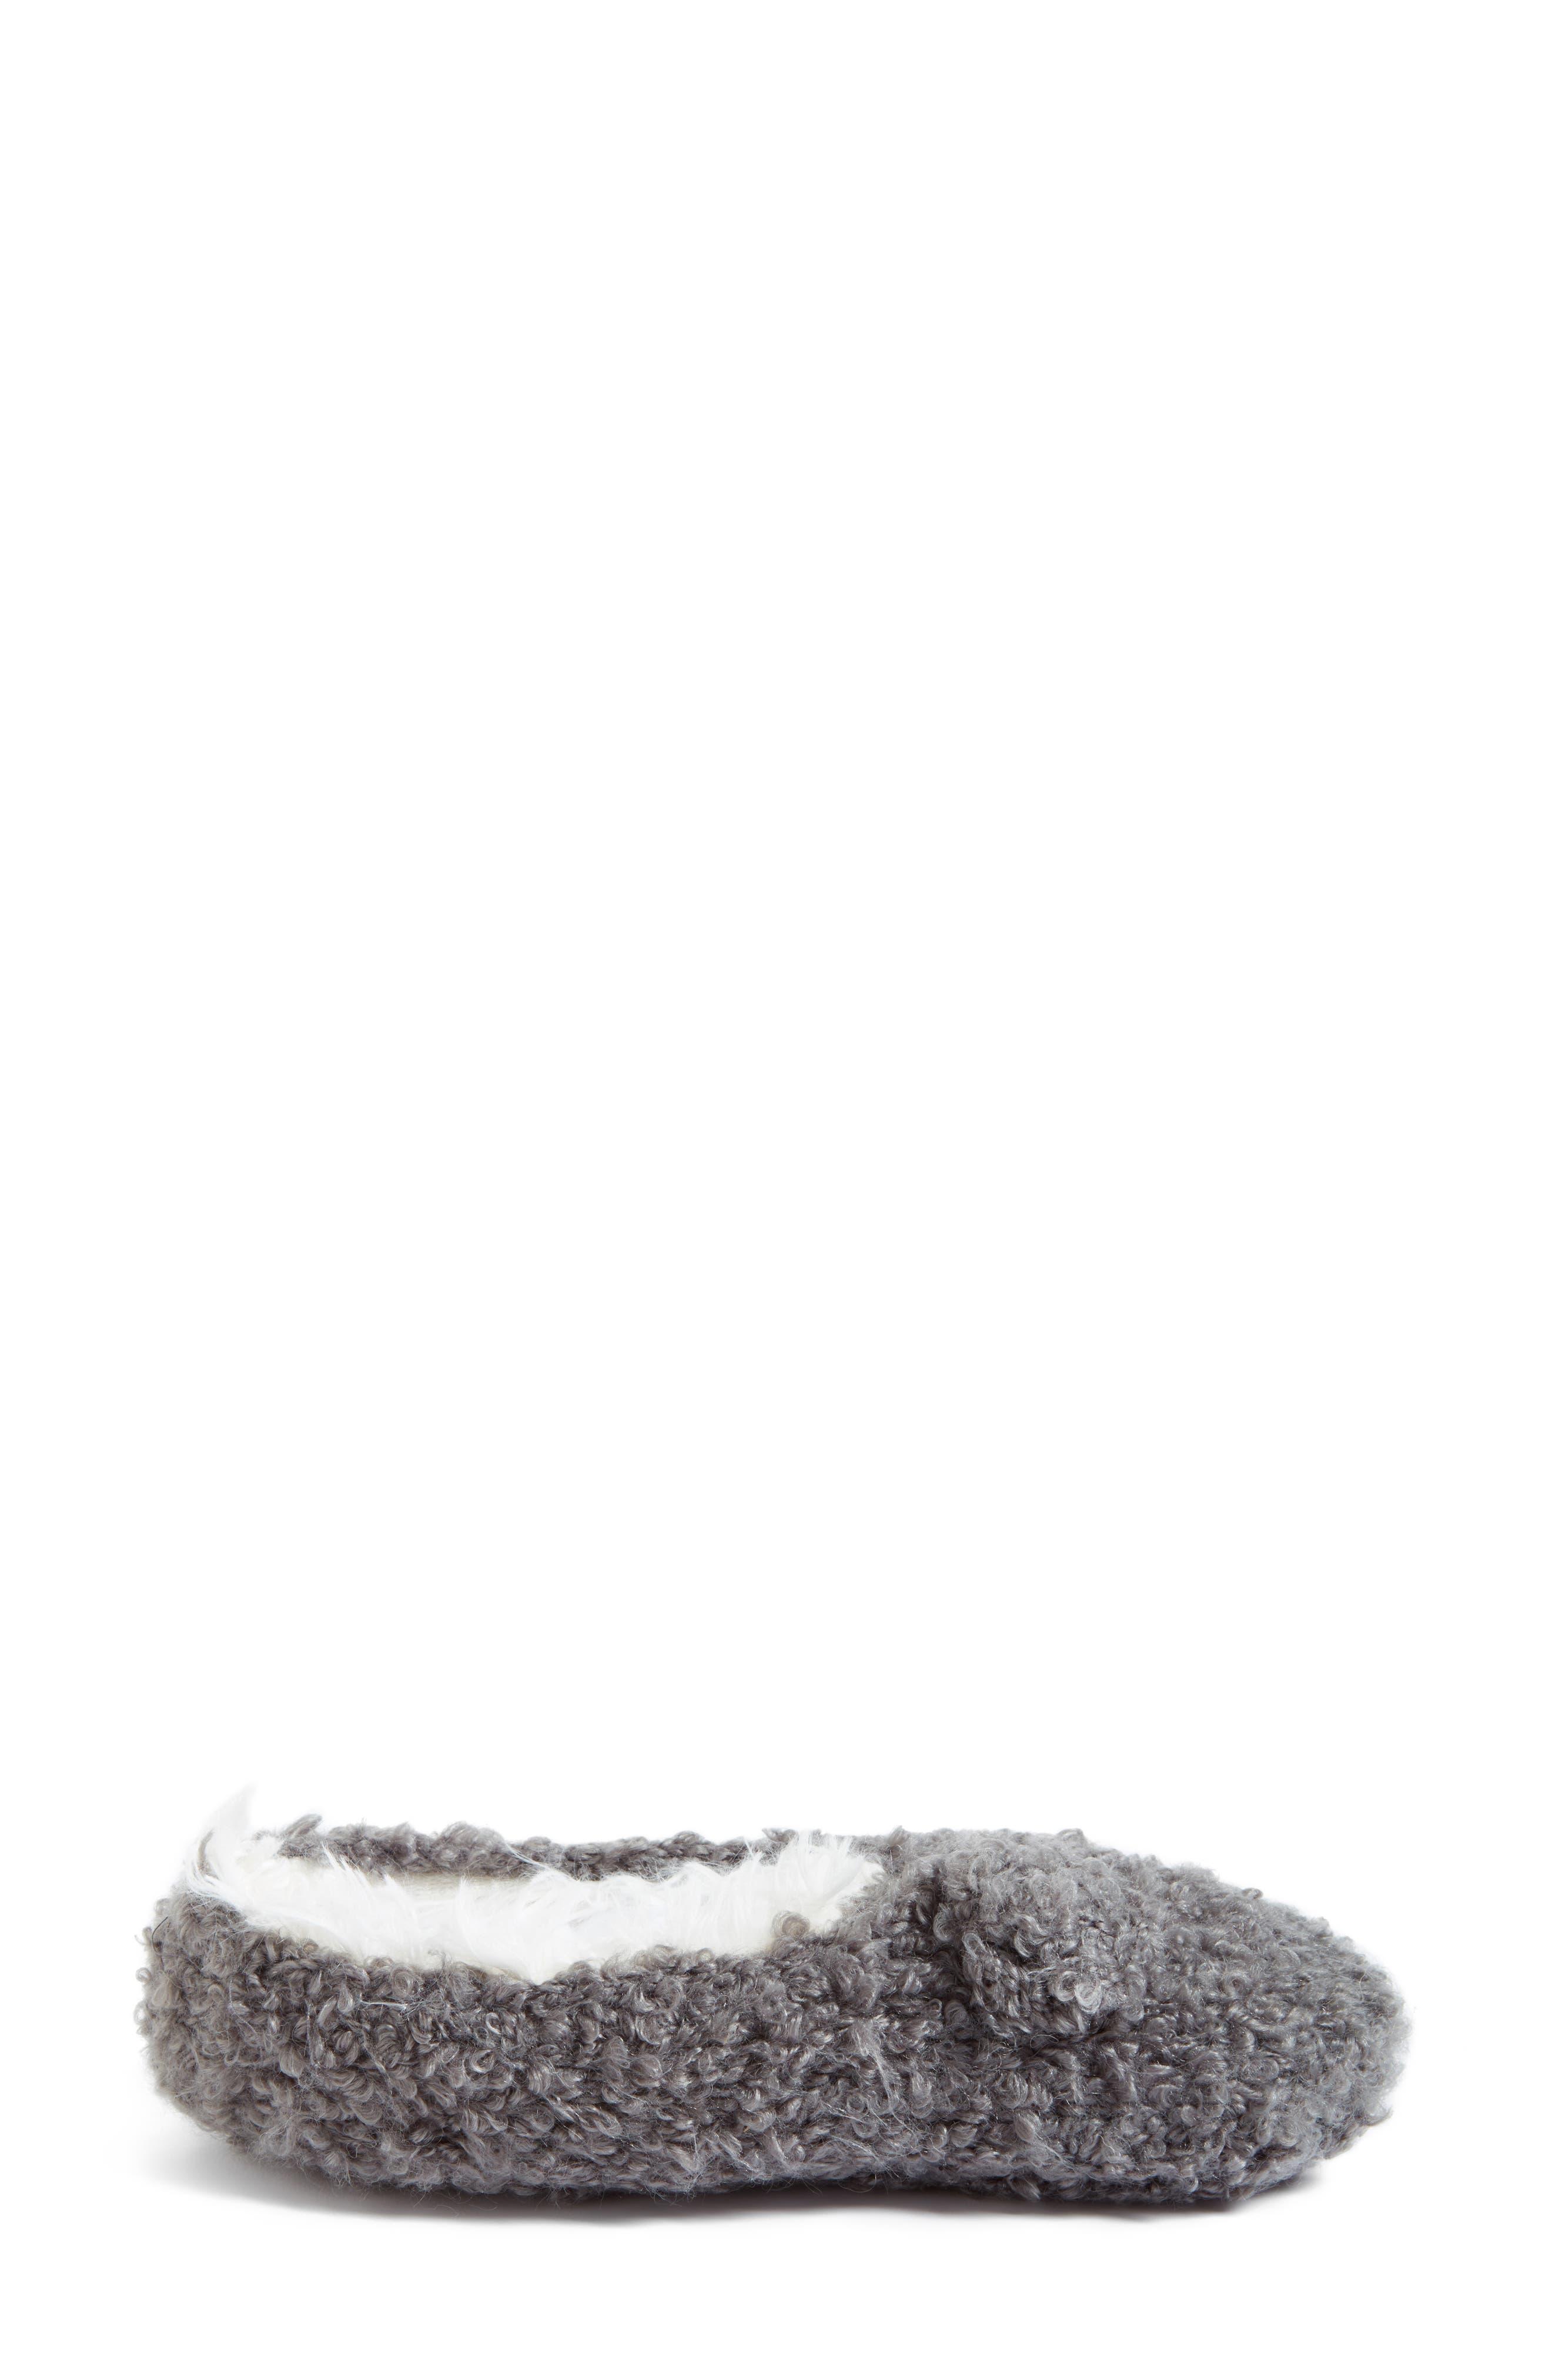 Teddy Bear Bootie Slipper Socks,                             Alternate thumbnail 4, color,                             020